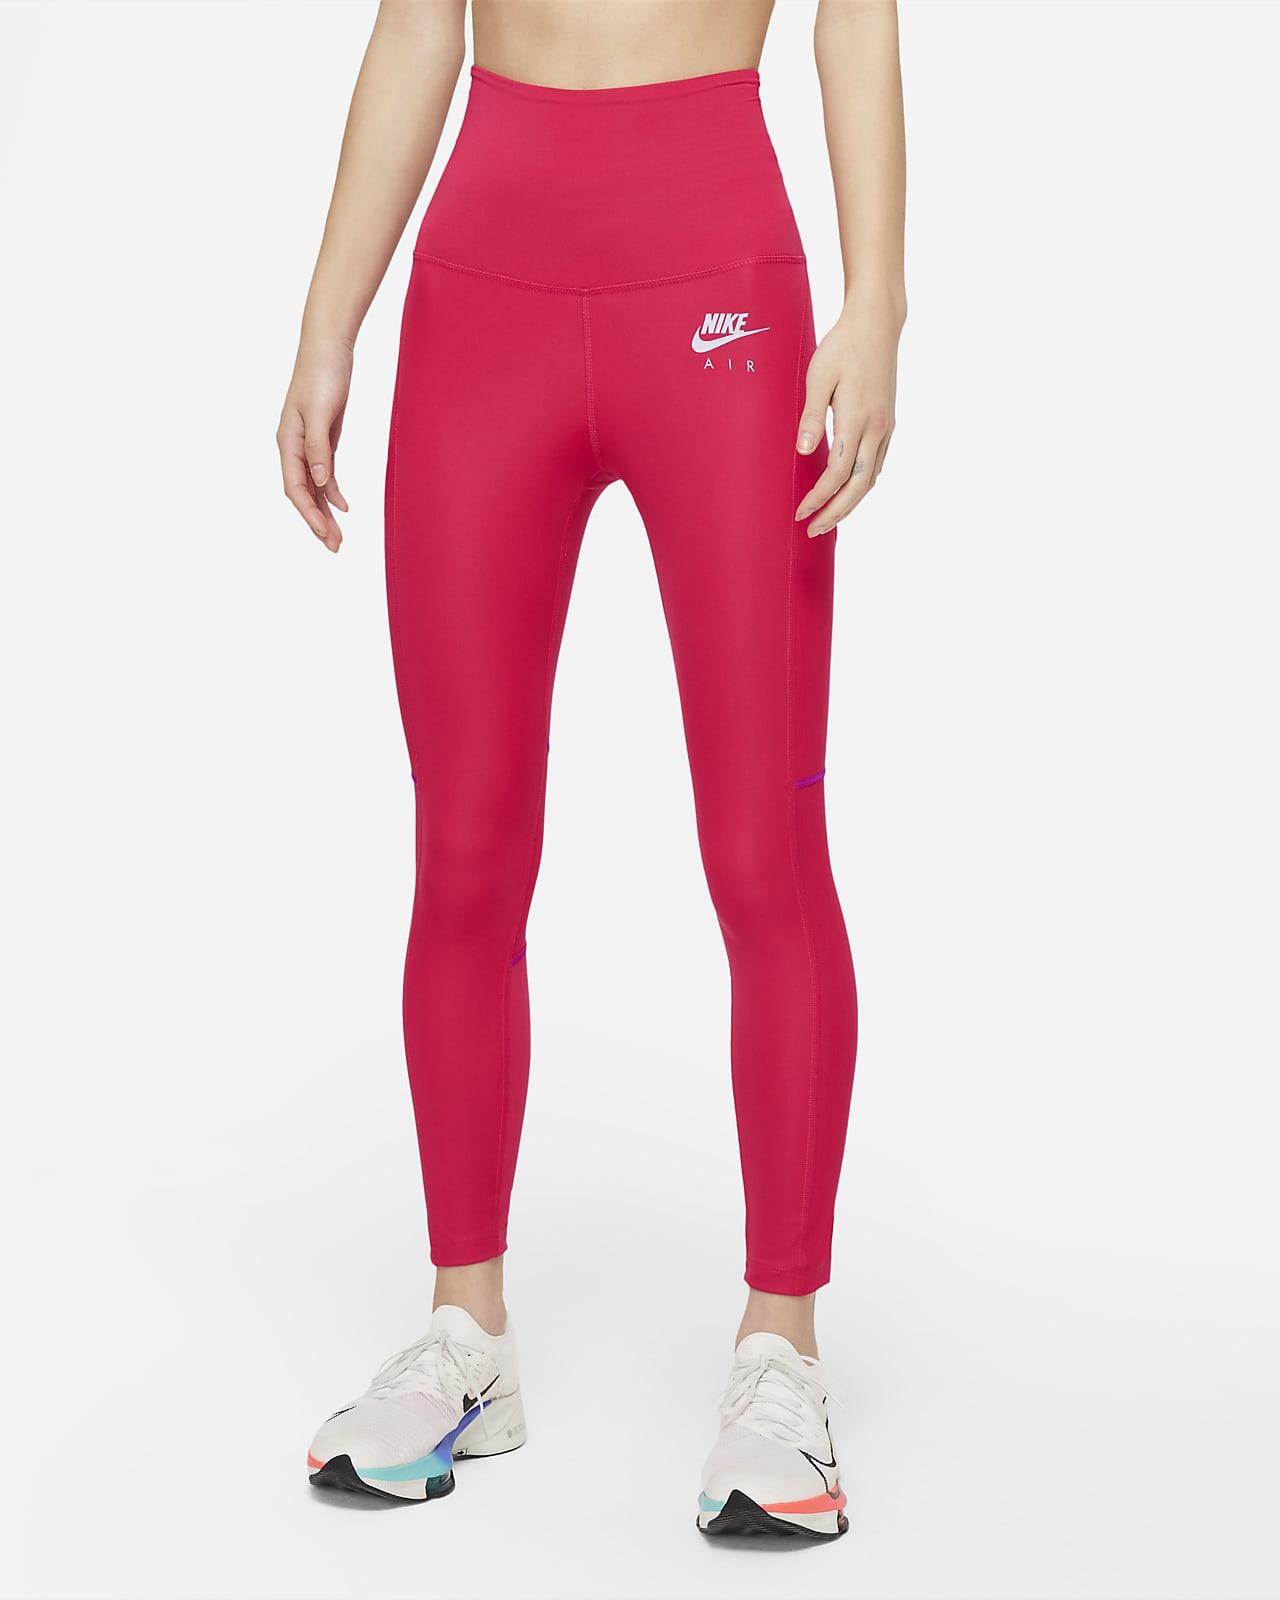 เลกกิ้งวิ่งขอบเอวพับทบ 7/8 ส่วนผู้หญิง Nike Air Dri-FIT